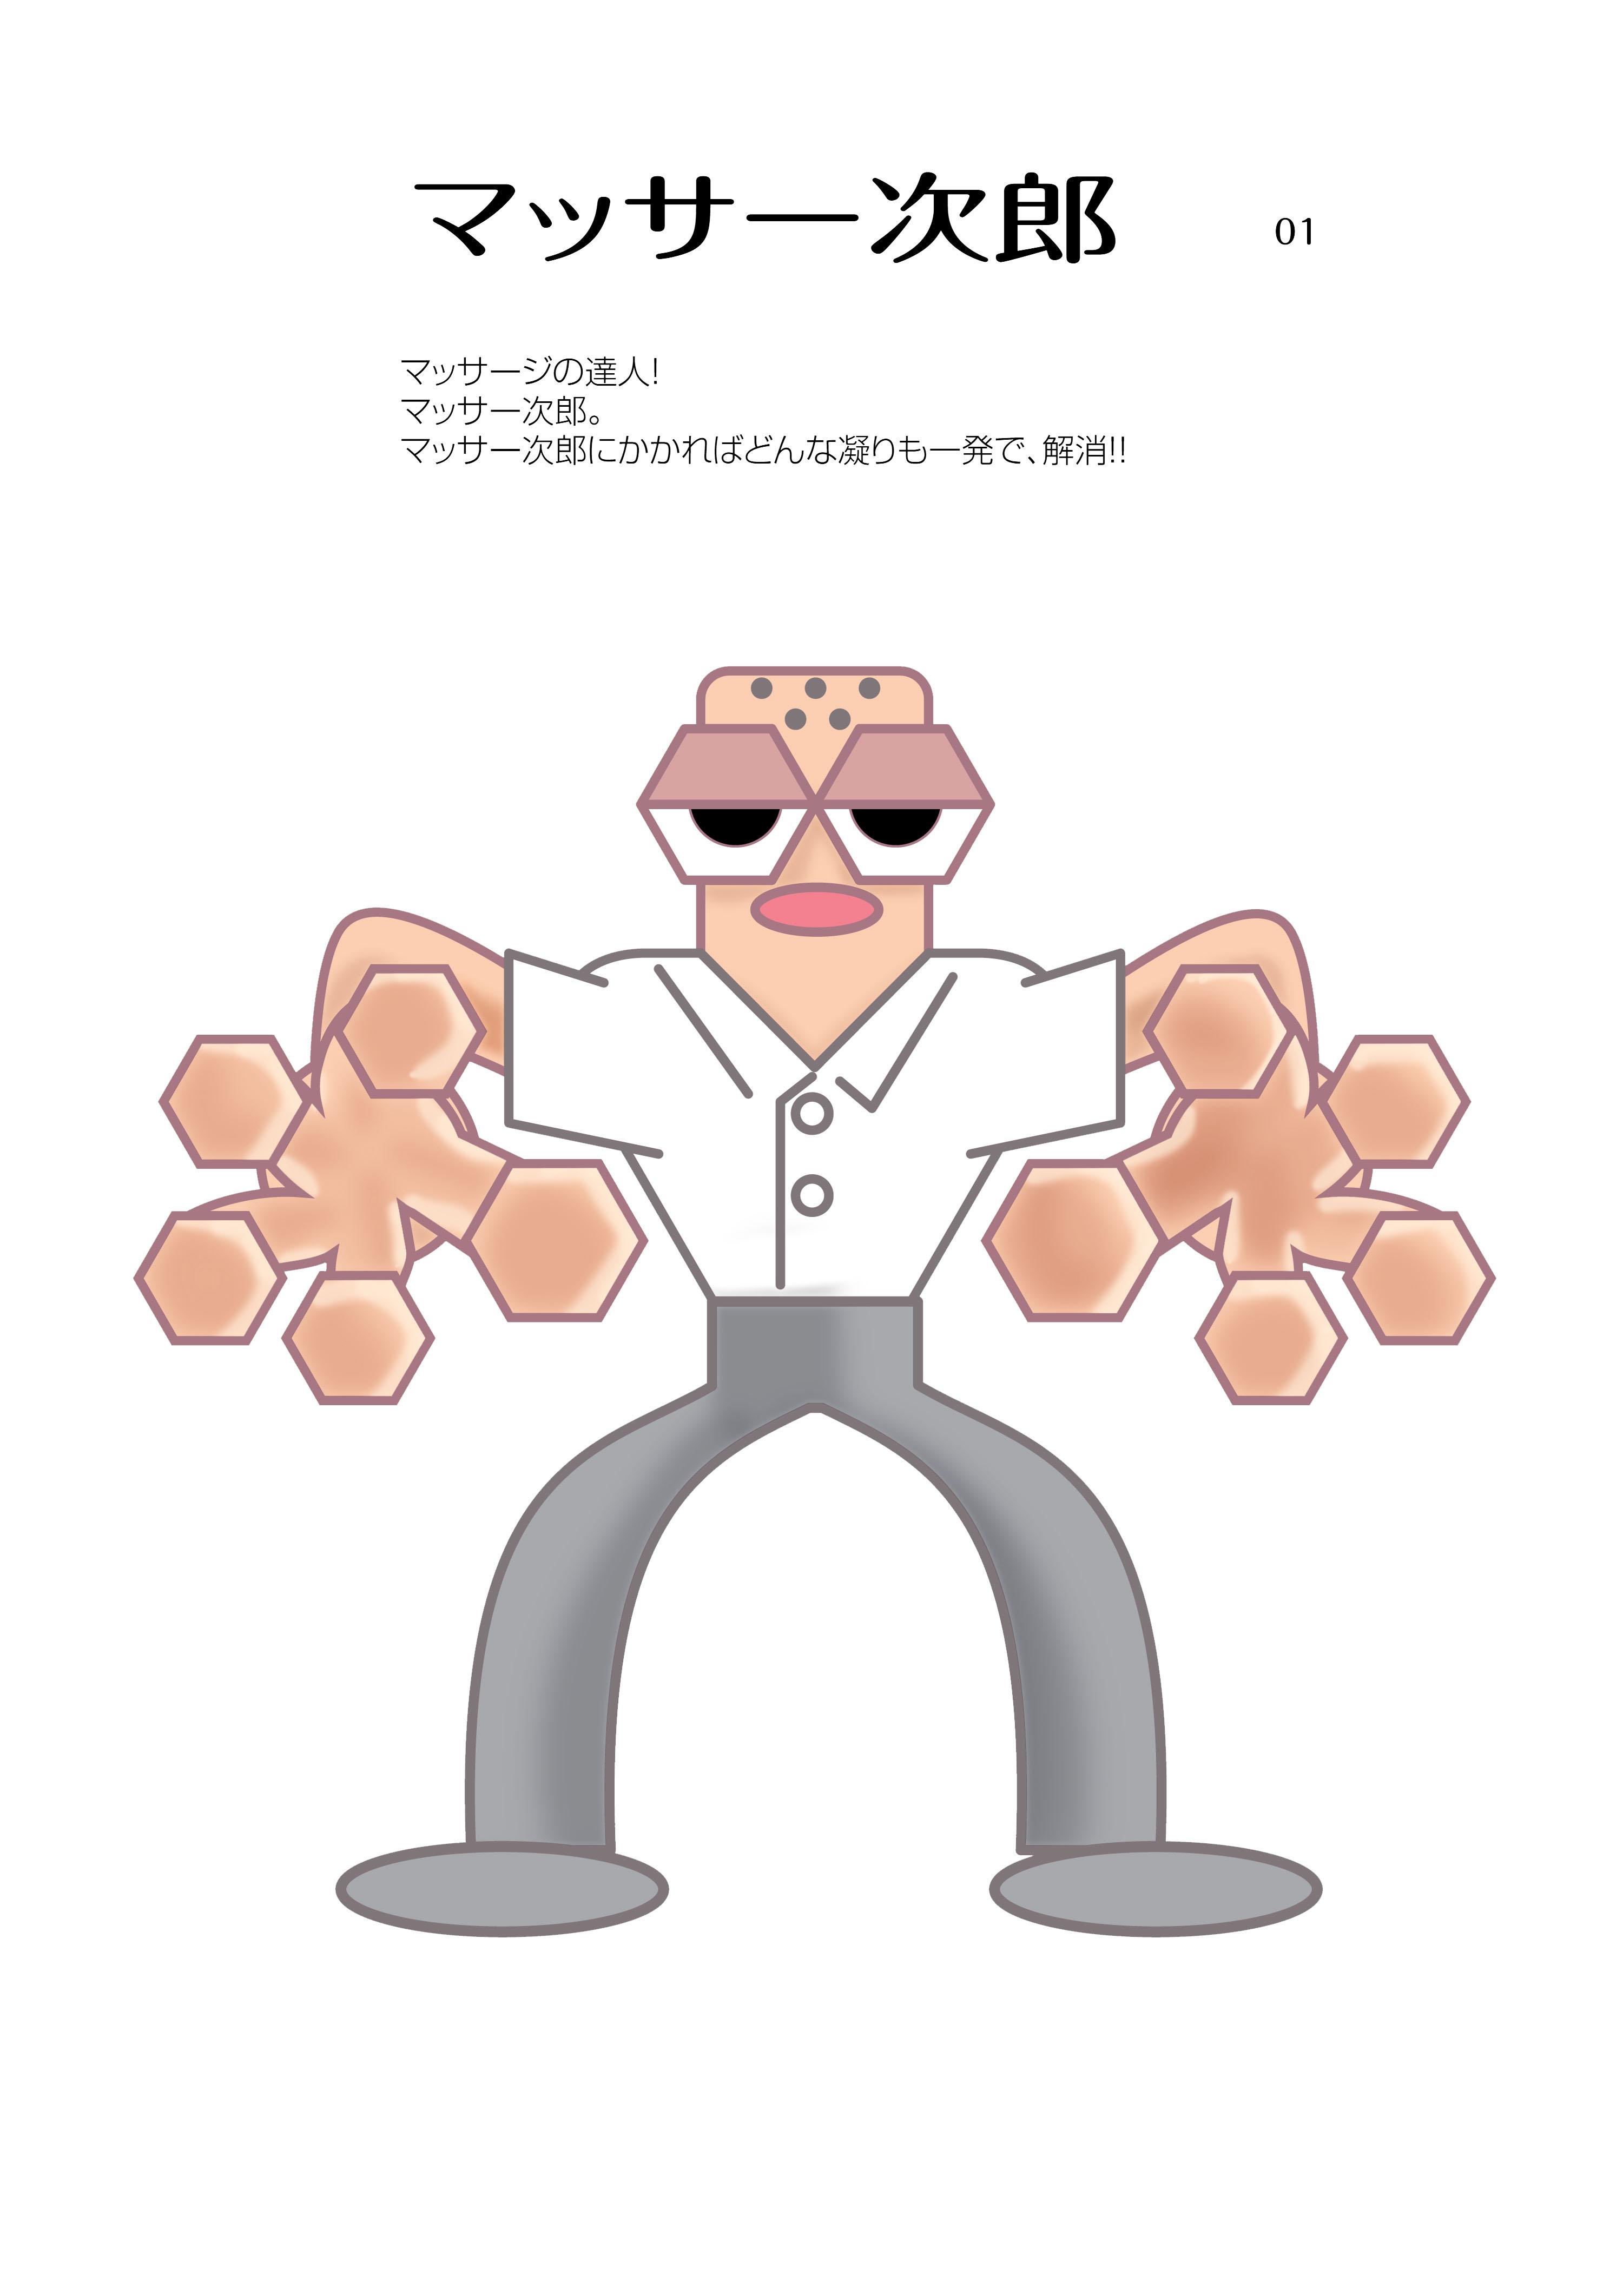 マッサー次郎